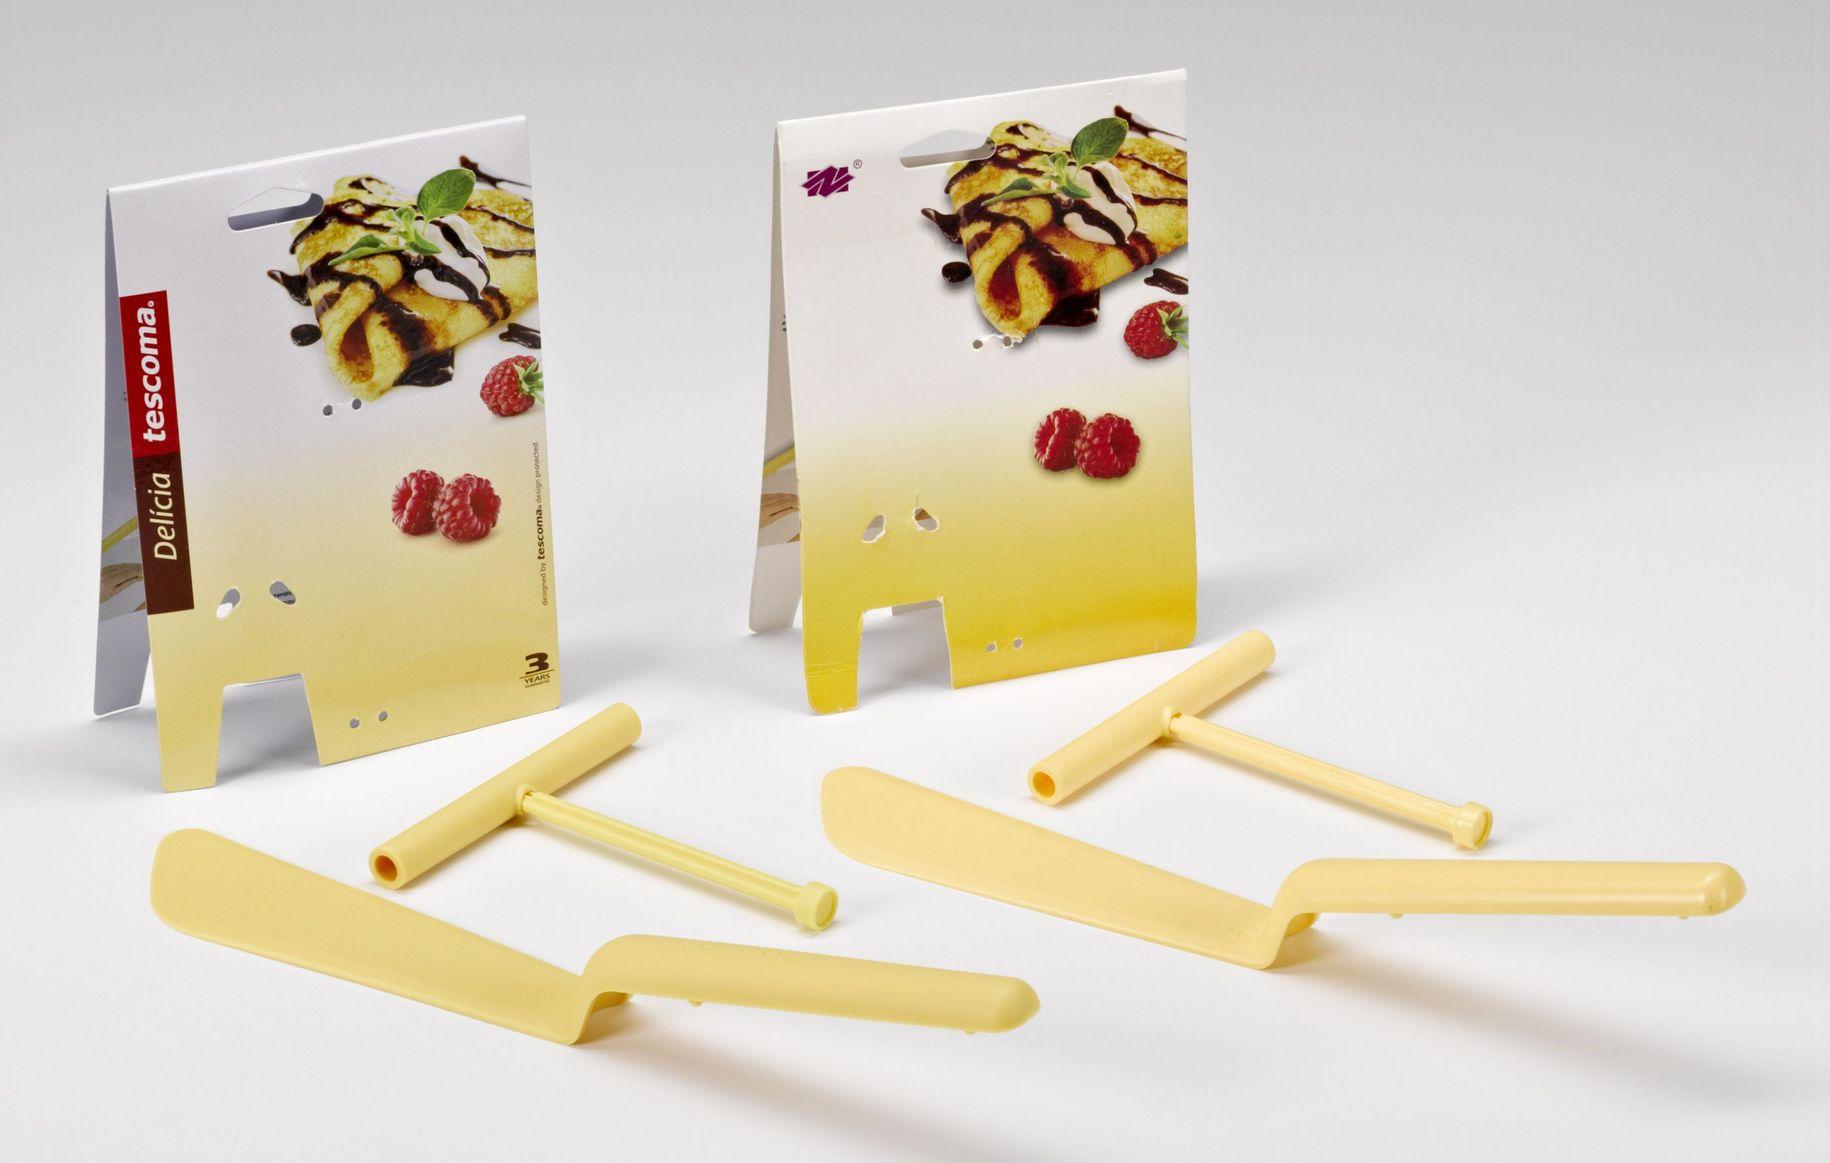 """Pfannkuchen-Wender mit Teigverteiler """"DELÍCIA"""" - Links das Original von TESCOMA s.r.o., Zlin, Tschechien und rechts das Plagiat aus China."""